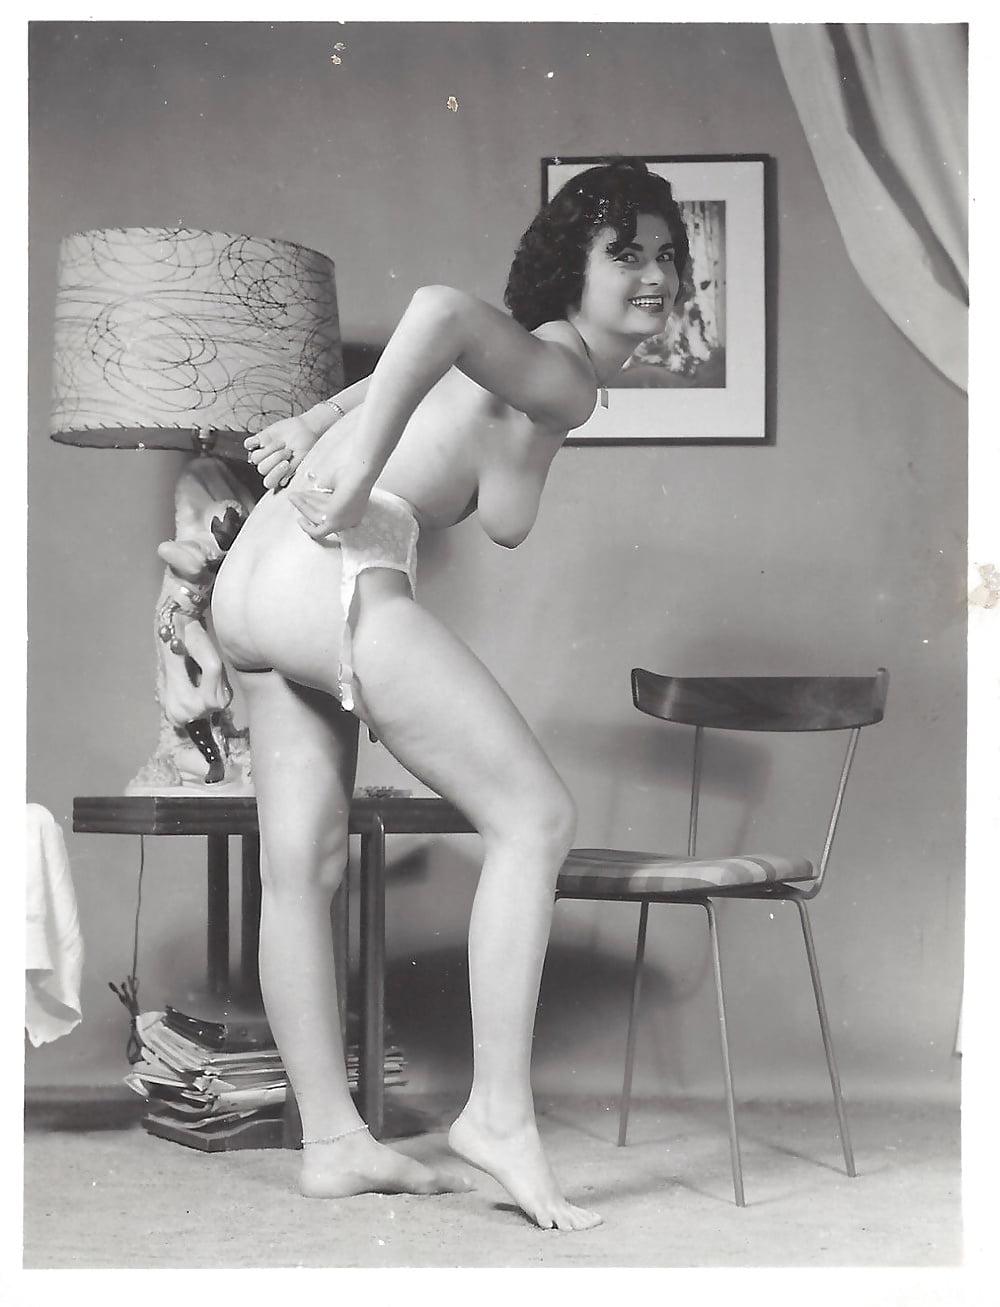 Видео эротика ретро италия фото уайт биография